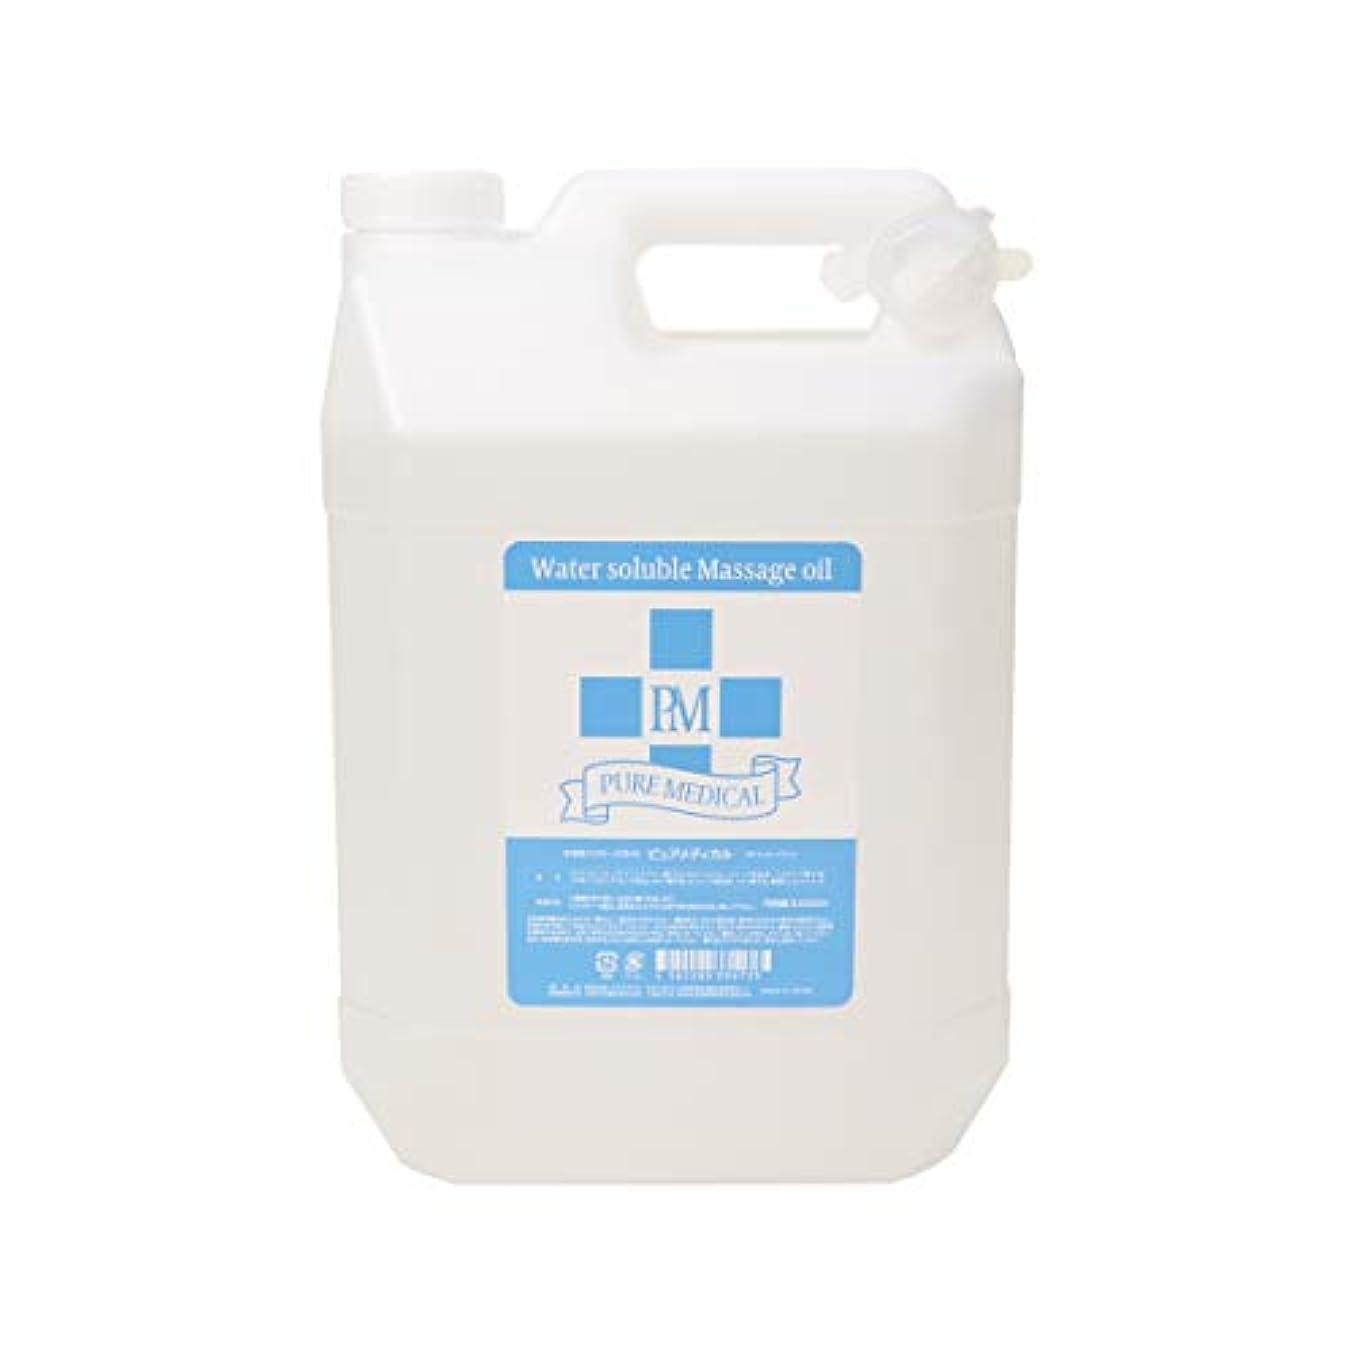 小切手確認学校の先生PURE MEDICAL(ピュアメディカル) 水溶性マッサージオイル 5L マッサージオイル ボディオイル PM 無香料 日本製 業務用 ボディ用